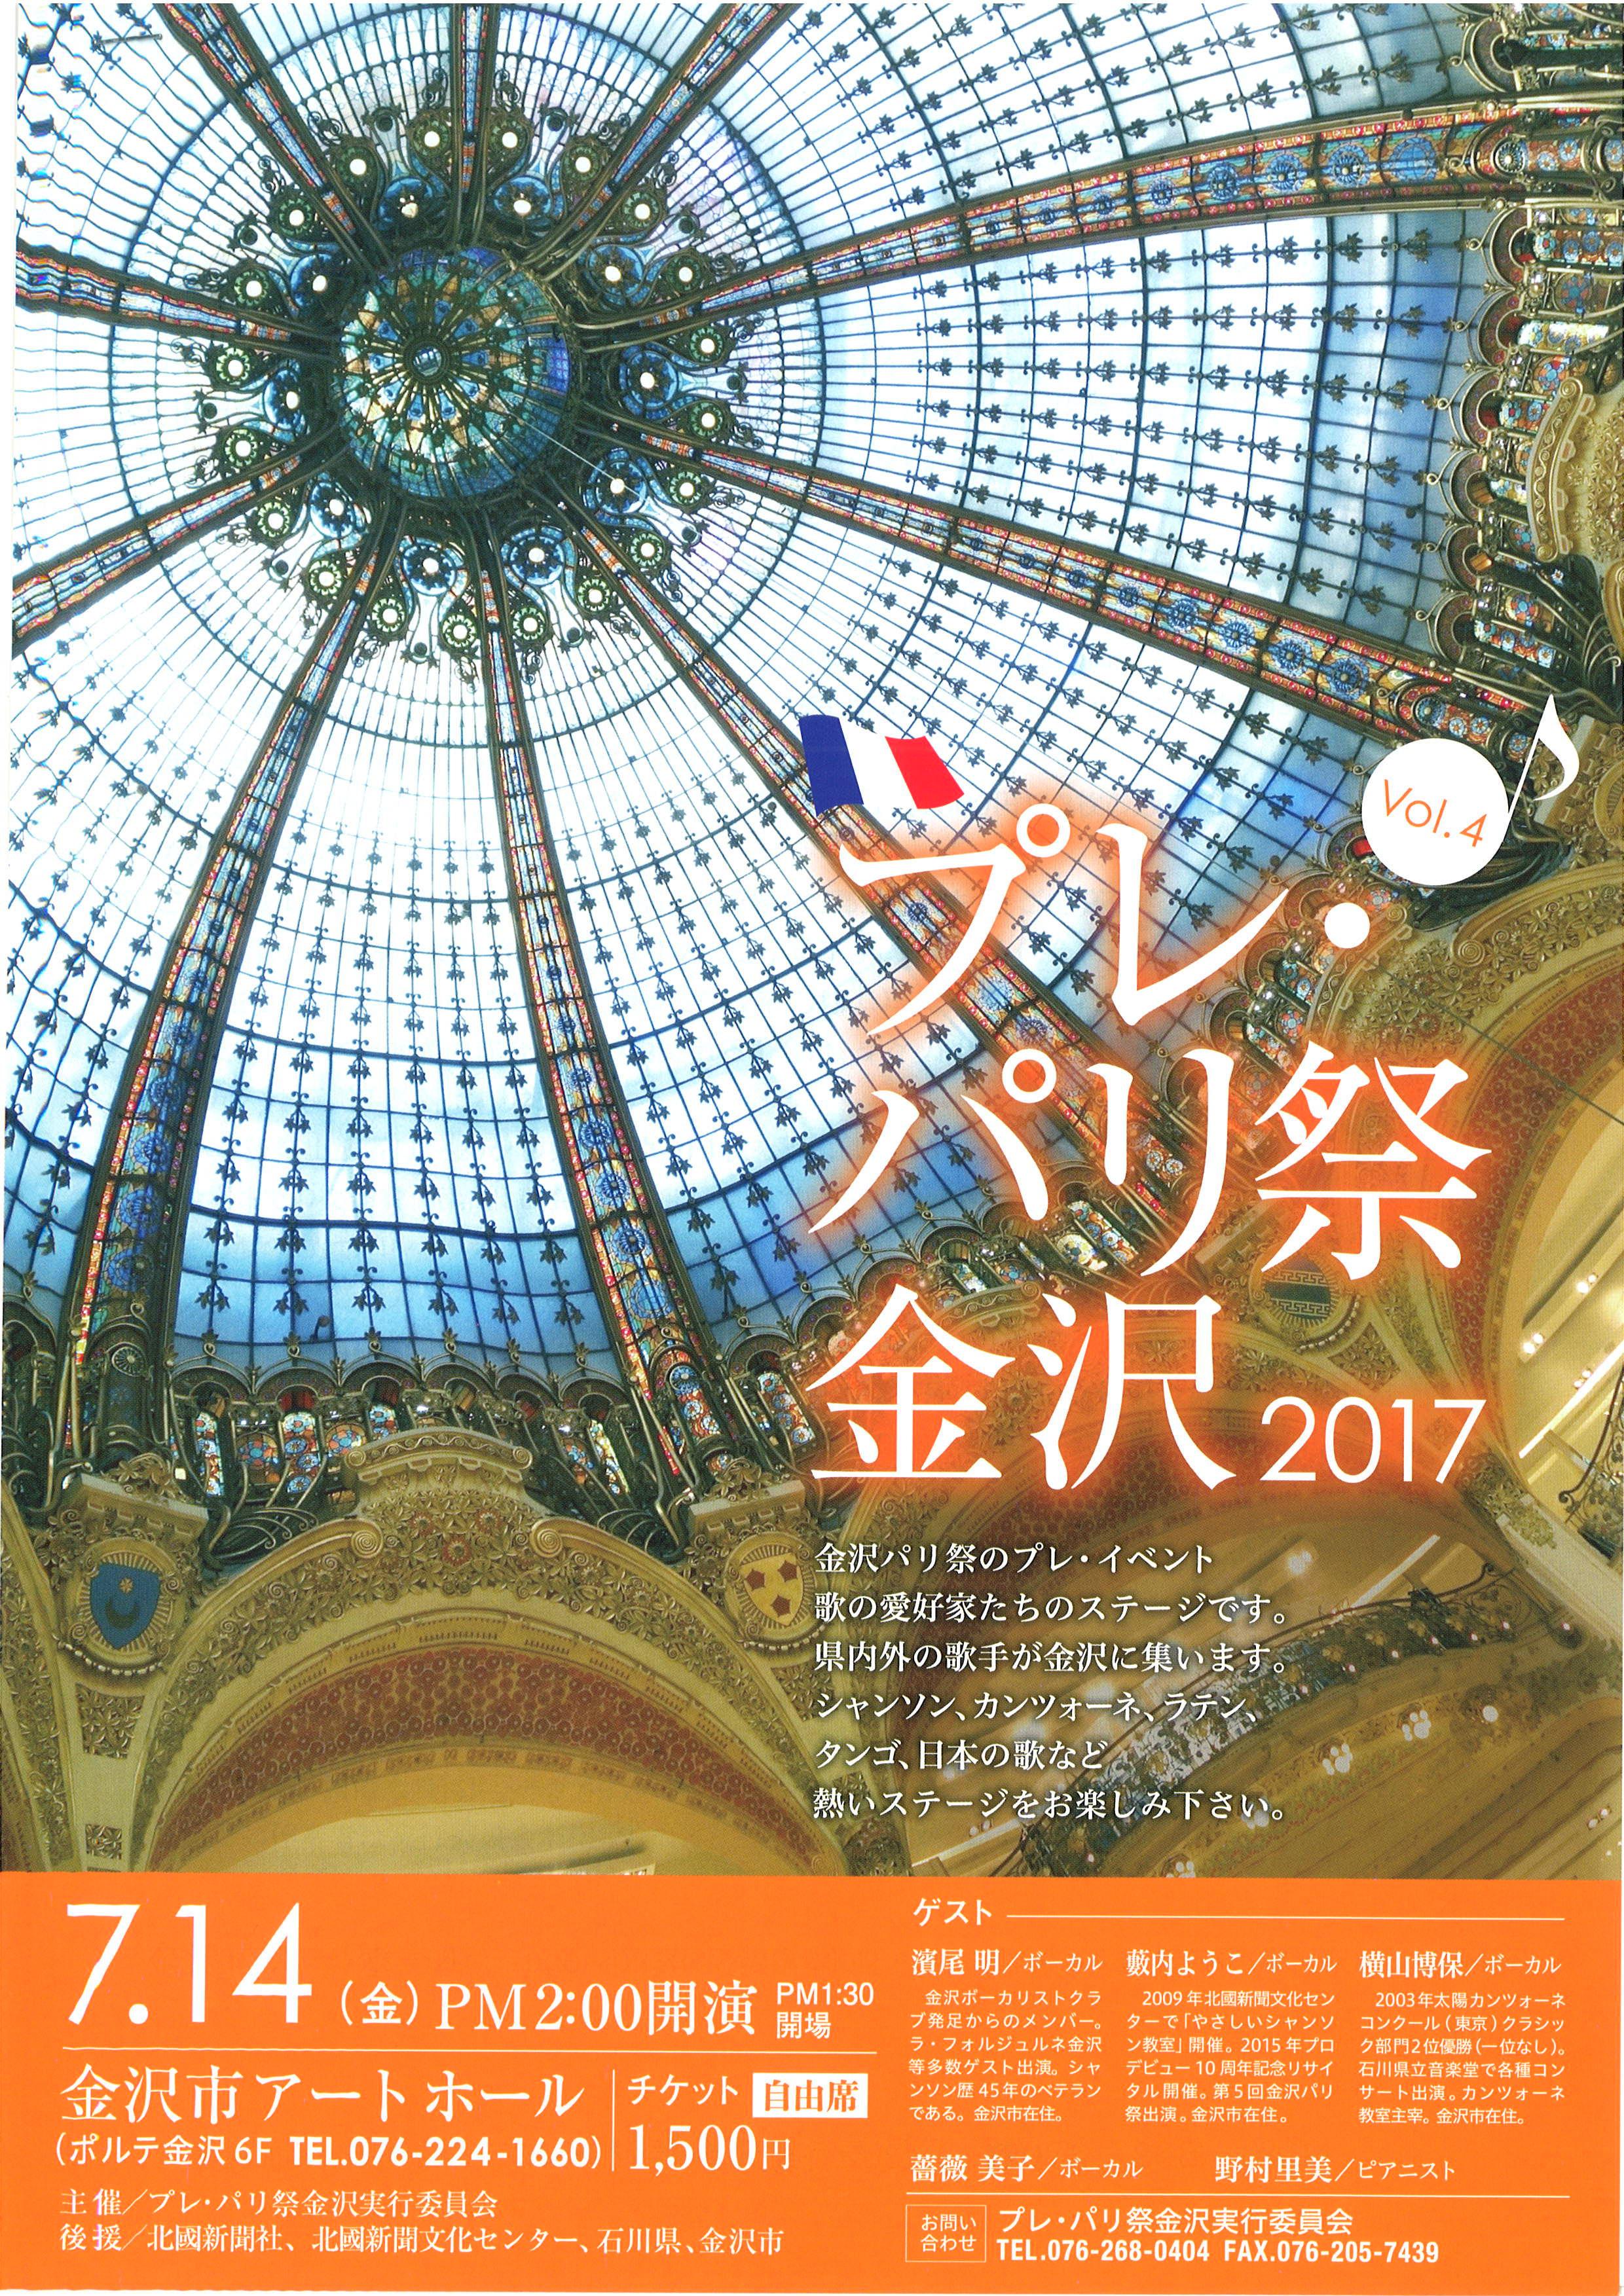 20170714プレ・パリ祭金沢vol.4.jpg